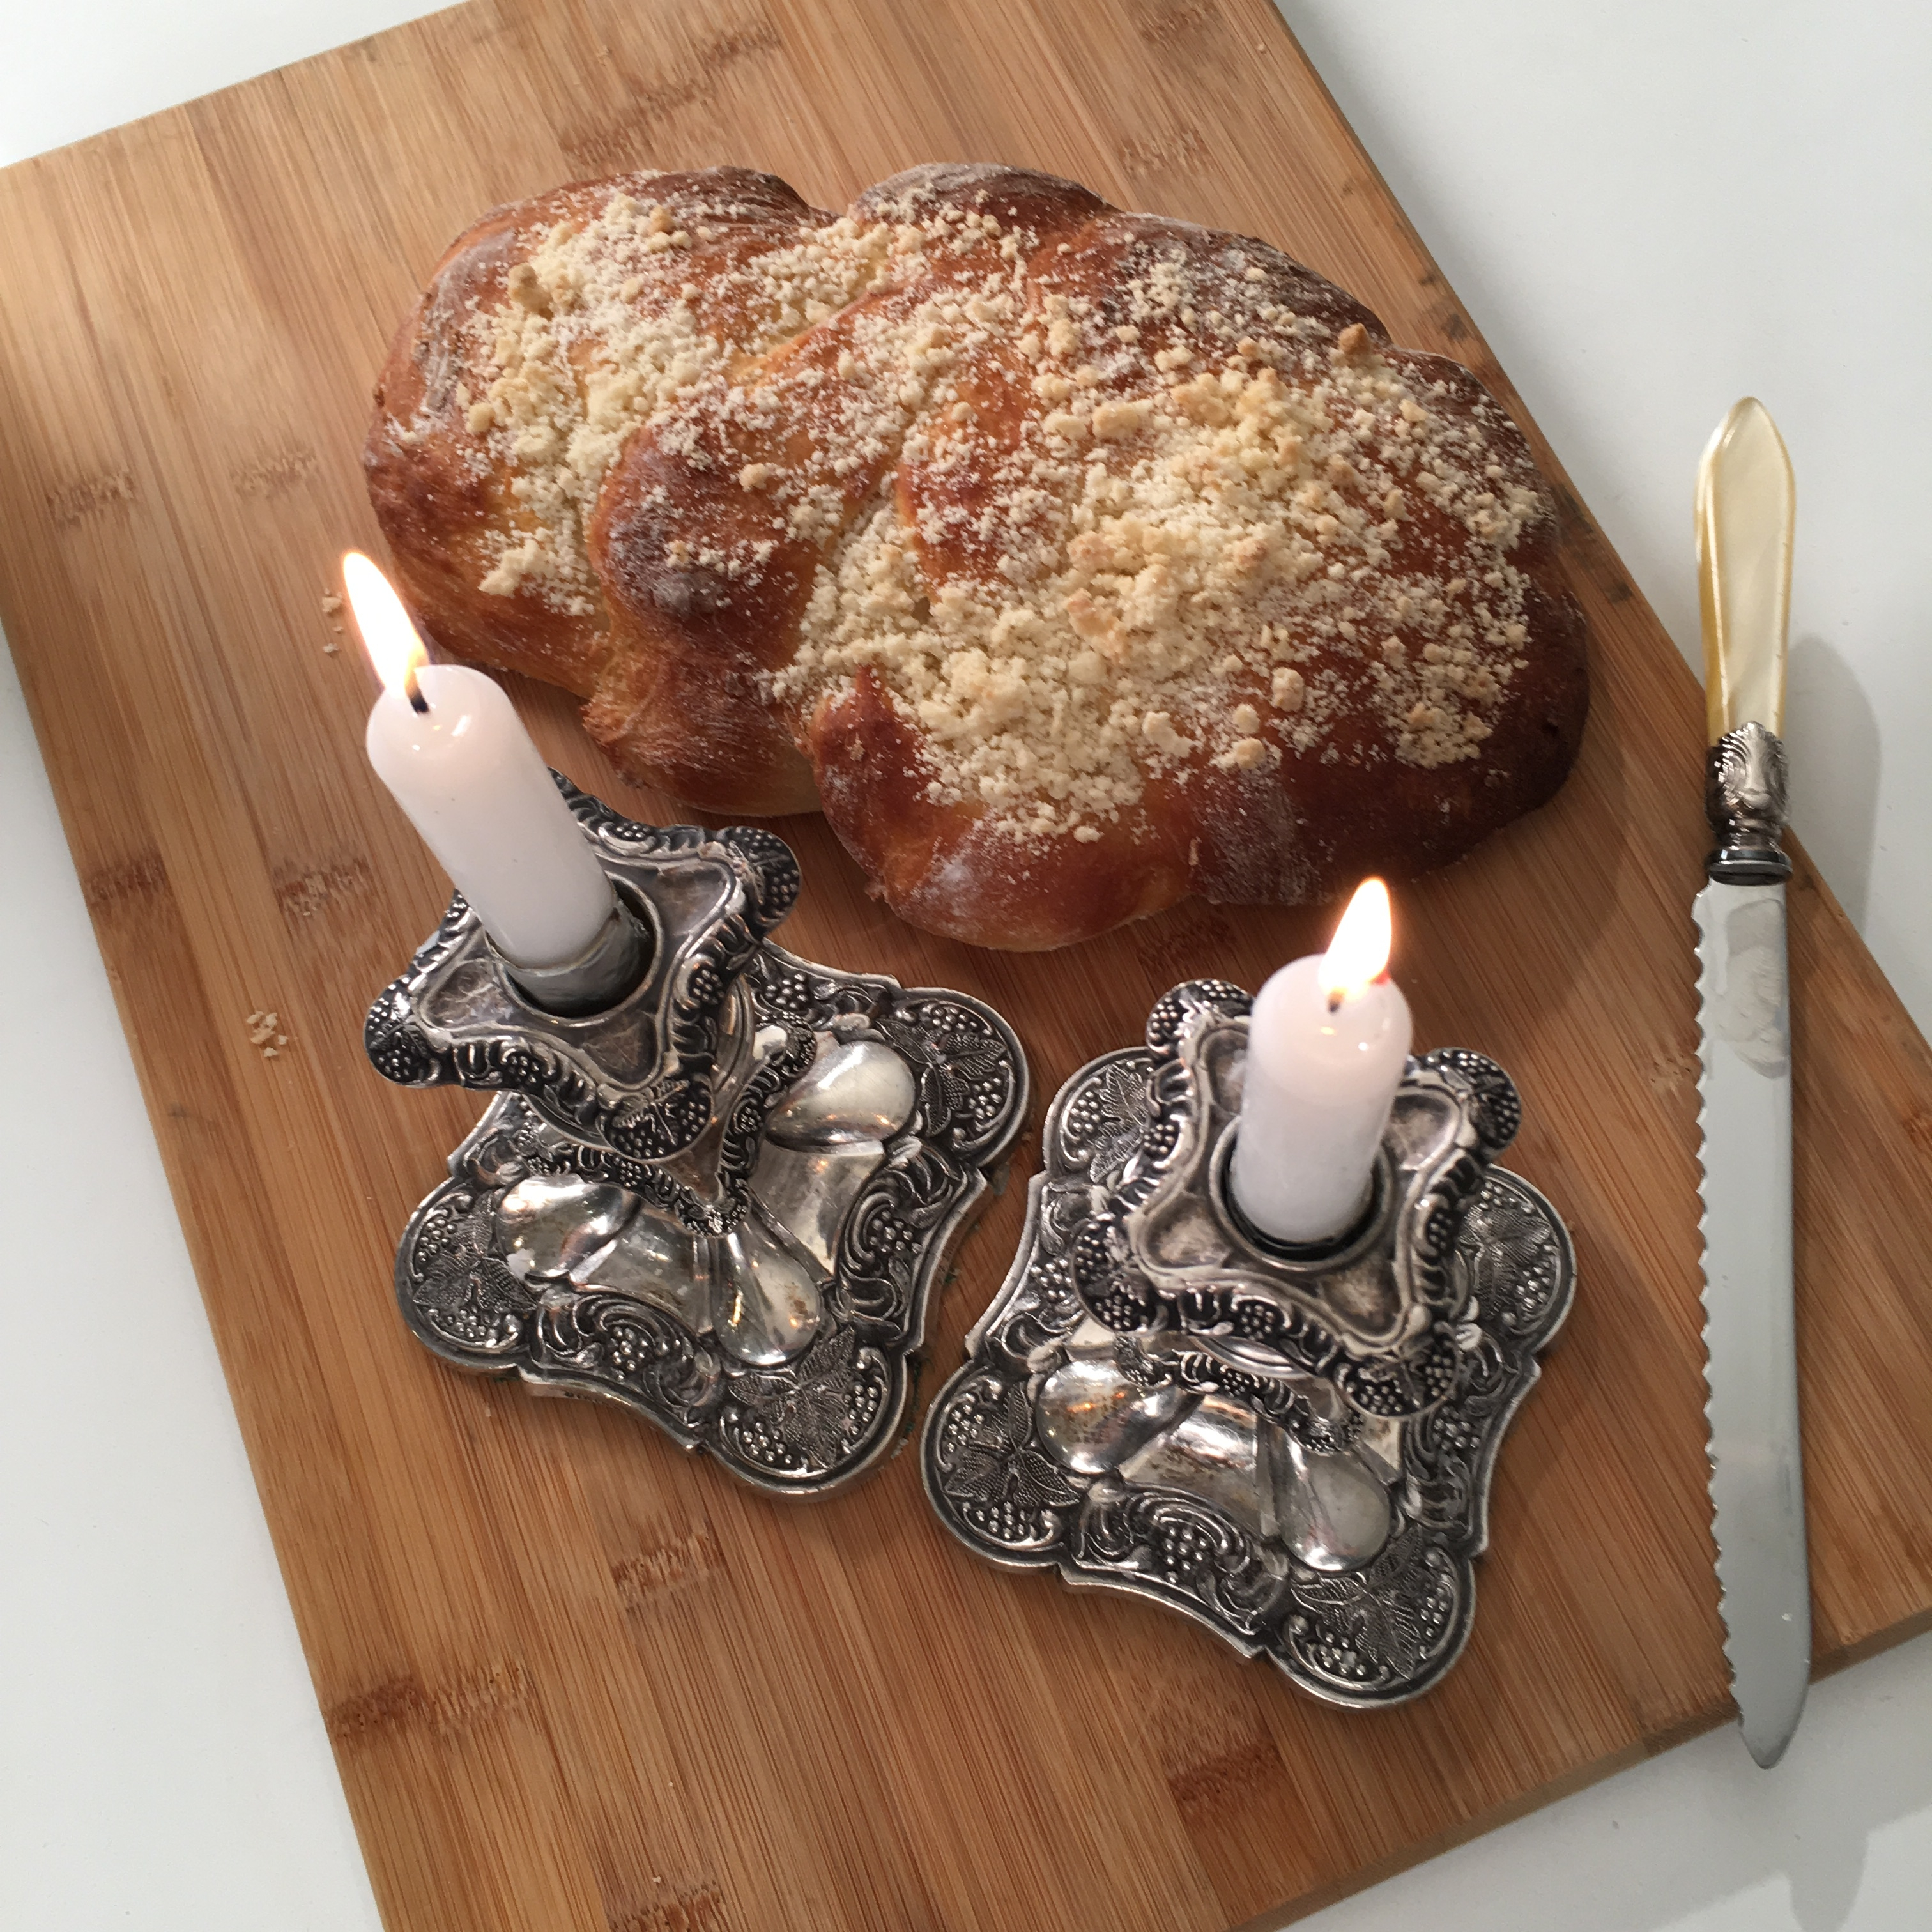 Sweet challah, egg bread, challah, homemade challah